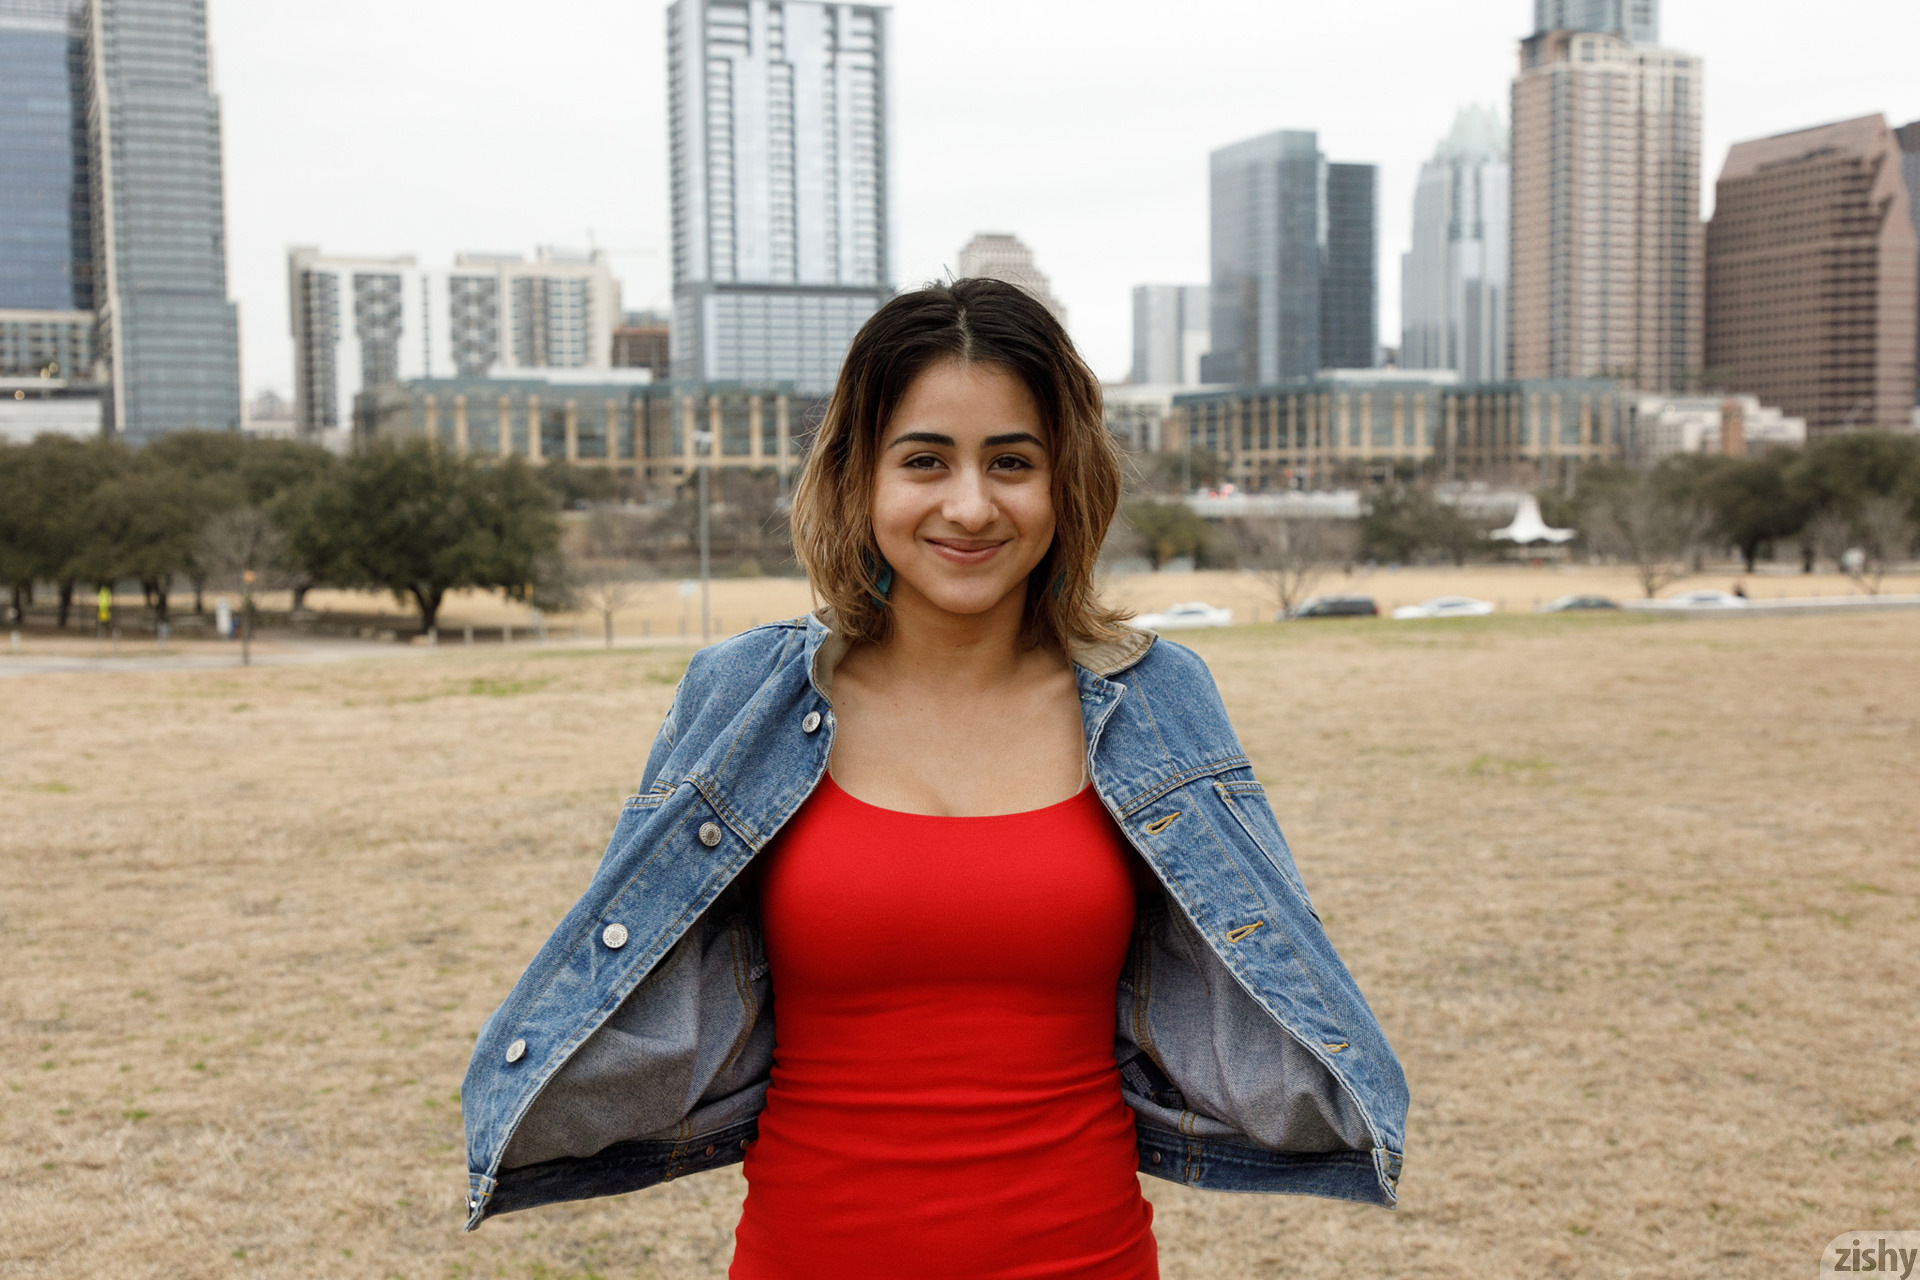 Zishy Mia Valentine @ GirlzNation.com